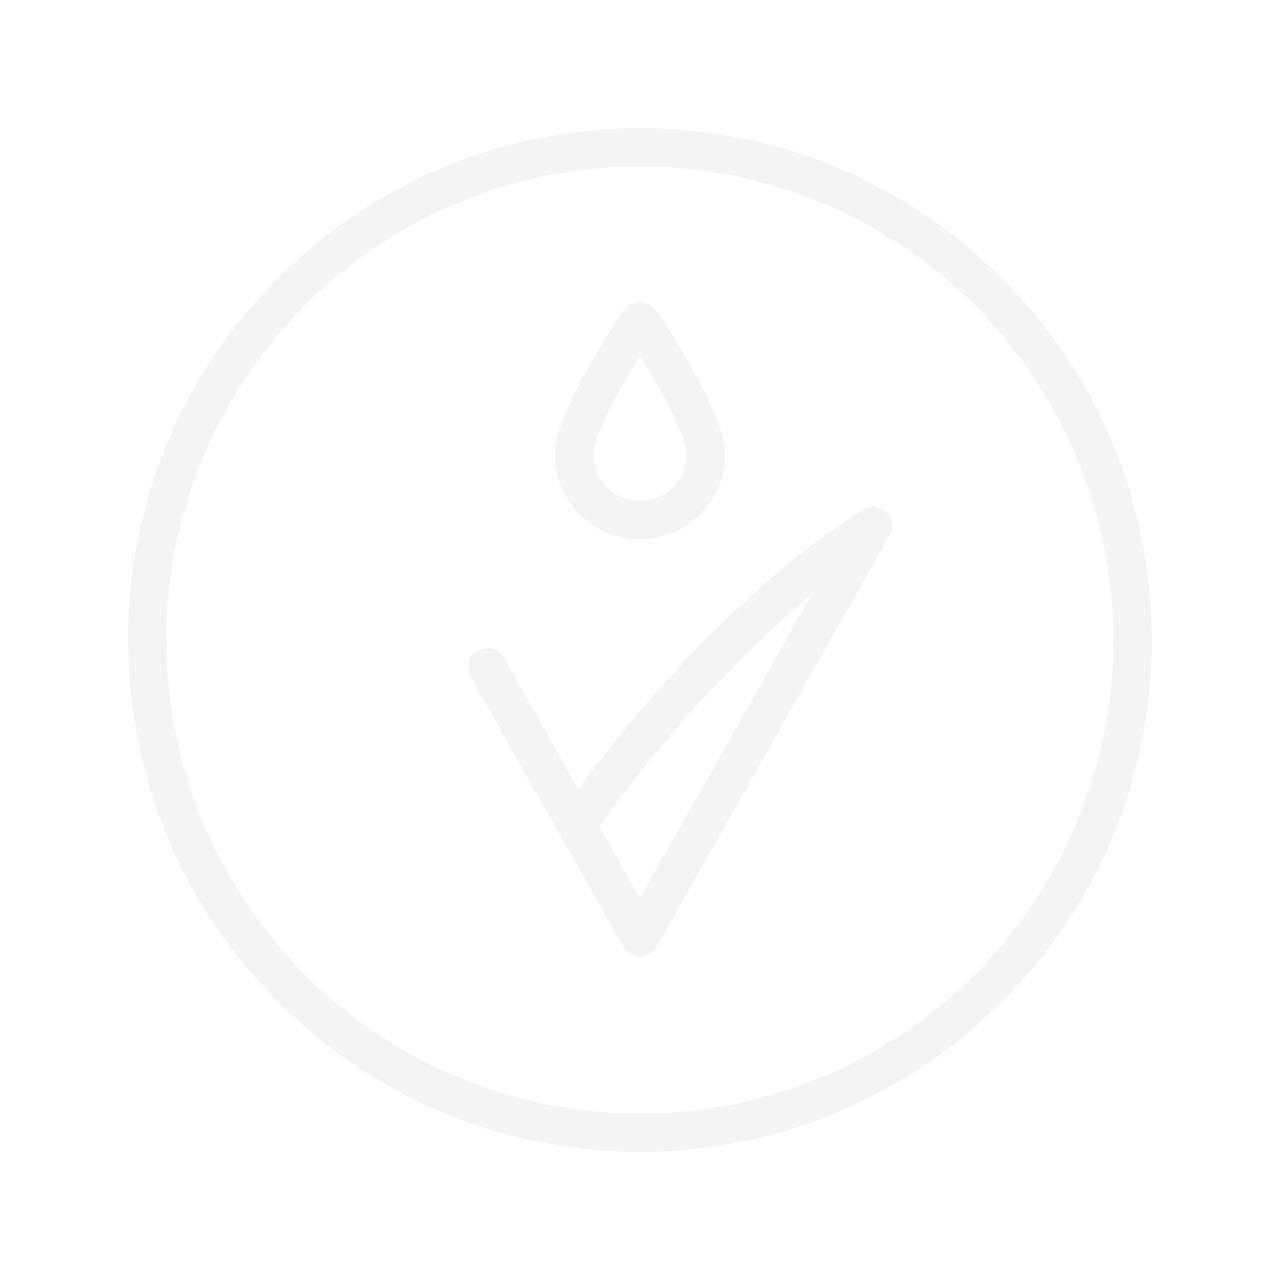 Kérastase Nutritive Masquintense (Dry / Fine Hair) 200ml